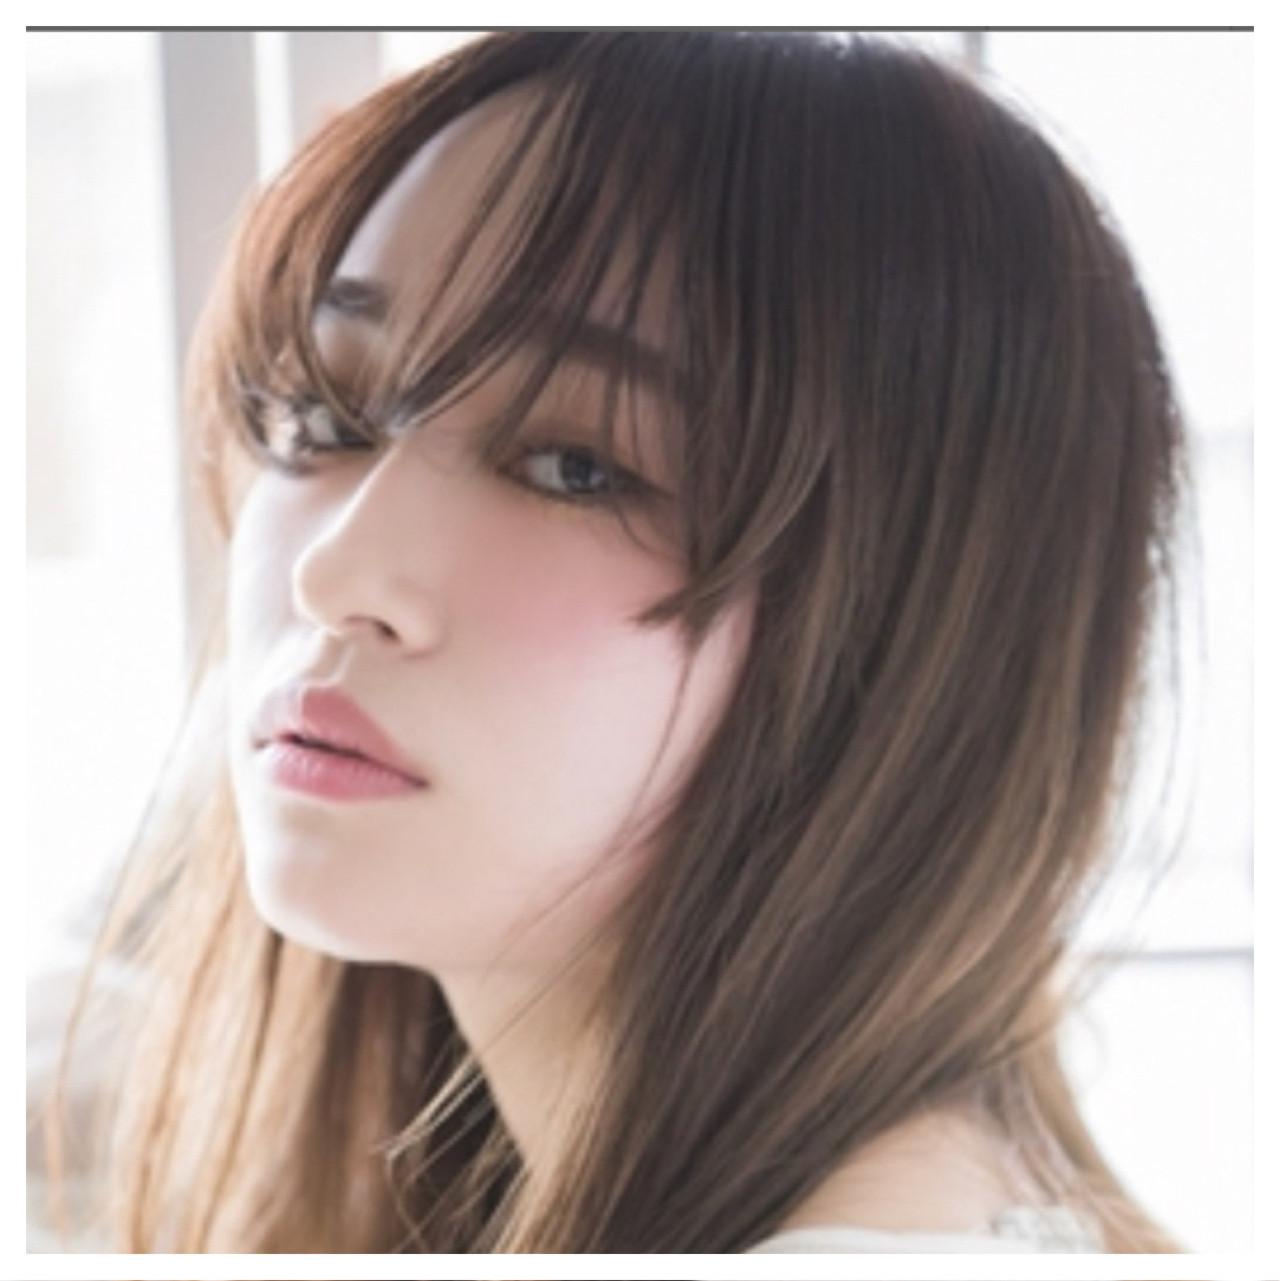 夏 アウトドア フェミニン 涼しげ ヘアスタイルや髪型の写真・画像